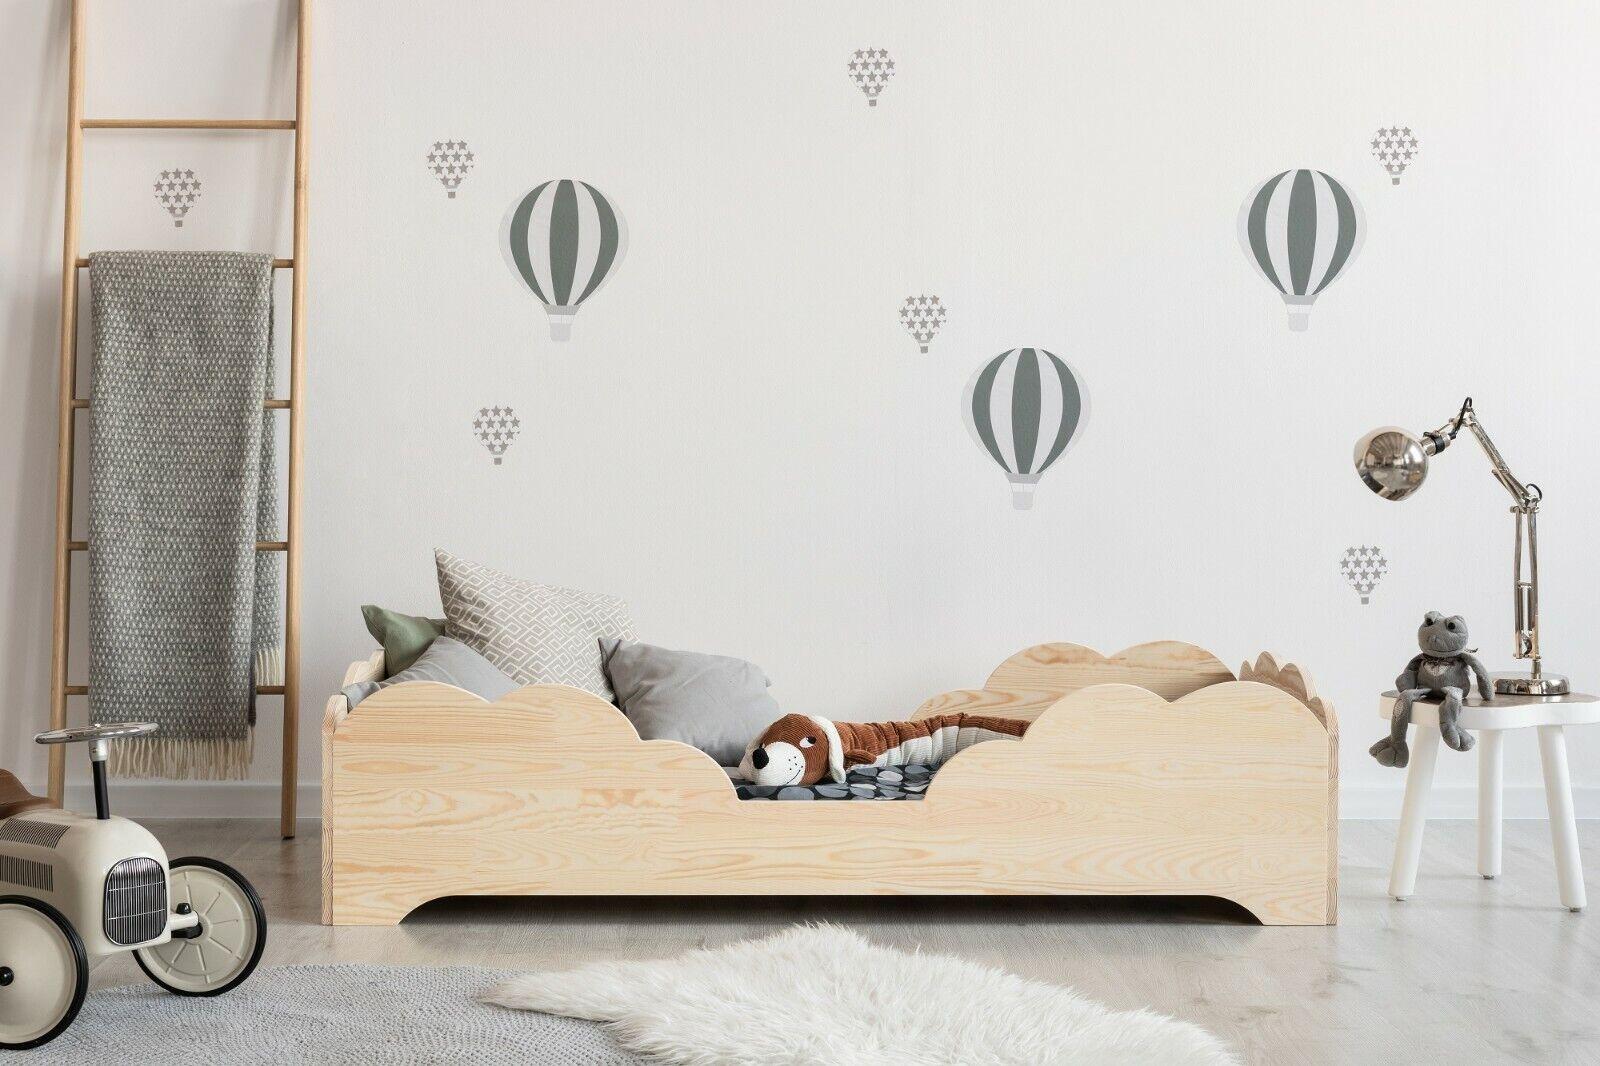 Lit BOX BED Enfant Bébé NEUF Maison 21 Dimensions Bois BOX 10